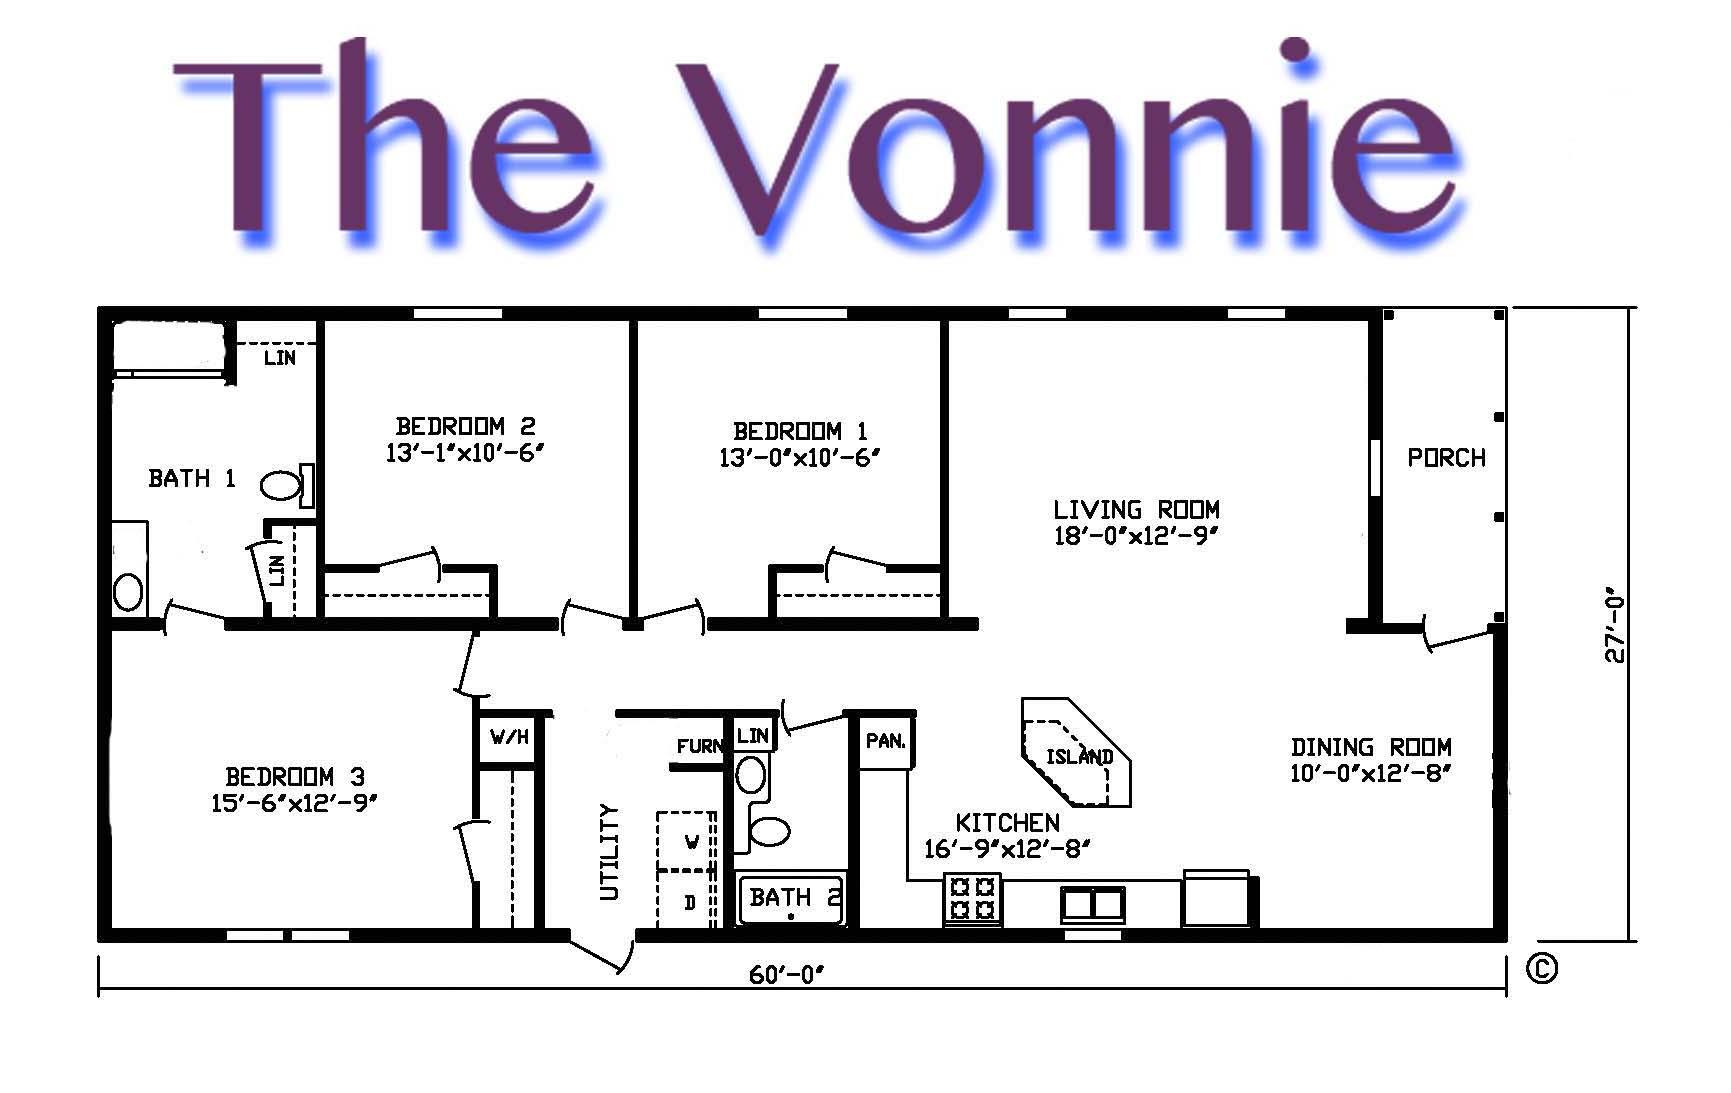 the vonnie floor plan.jpg